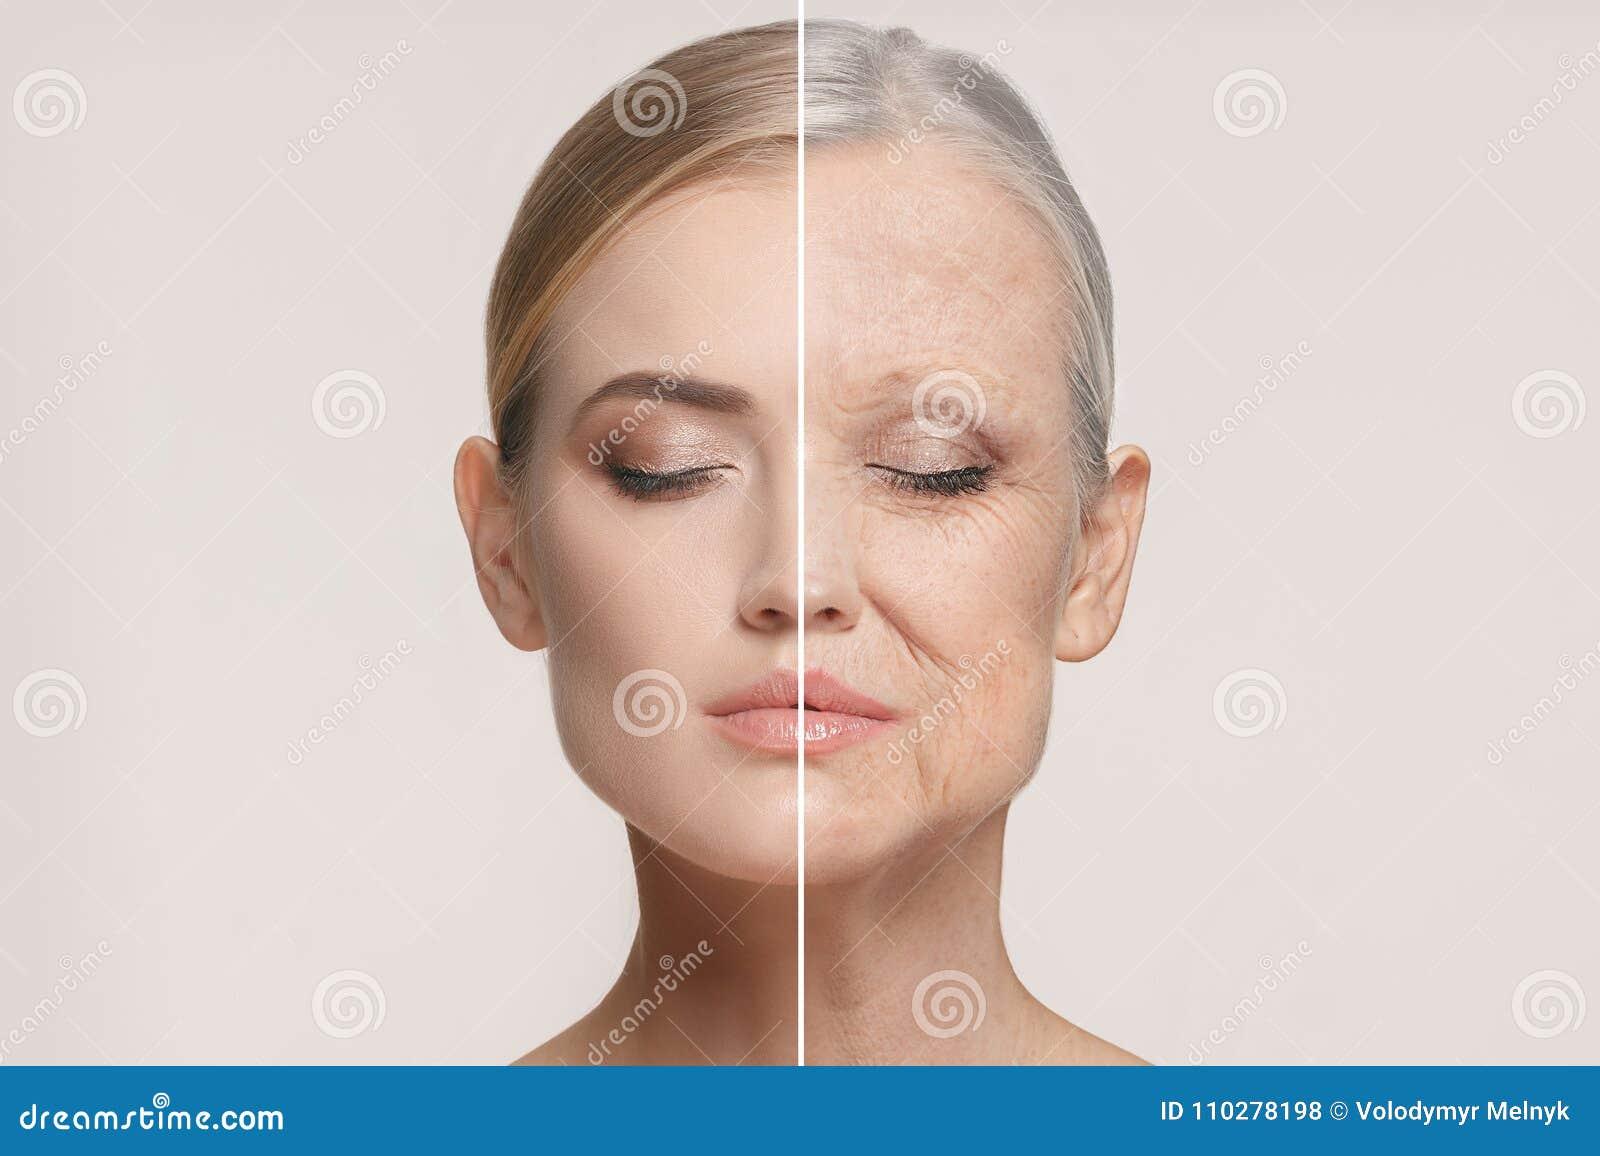 Vergleich Porträt der Schönheit mit Problem und sauberem Haut-, Altern- und Jugendkonzept, Schönheitsbehandlung